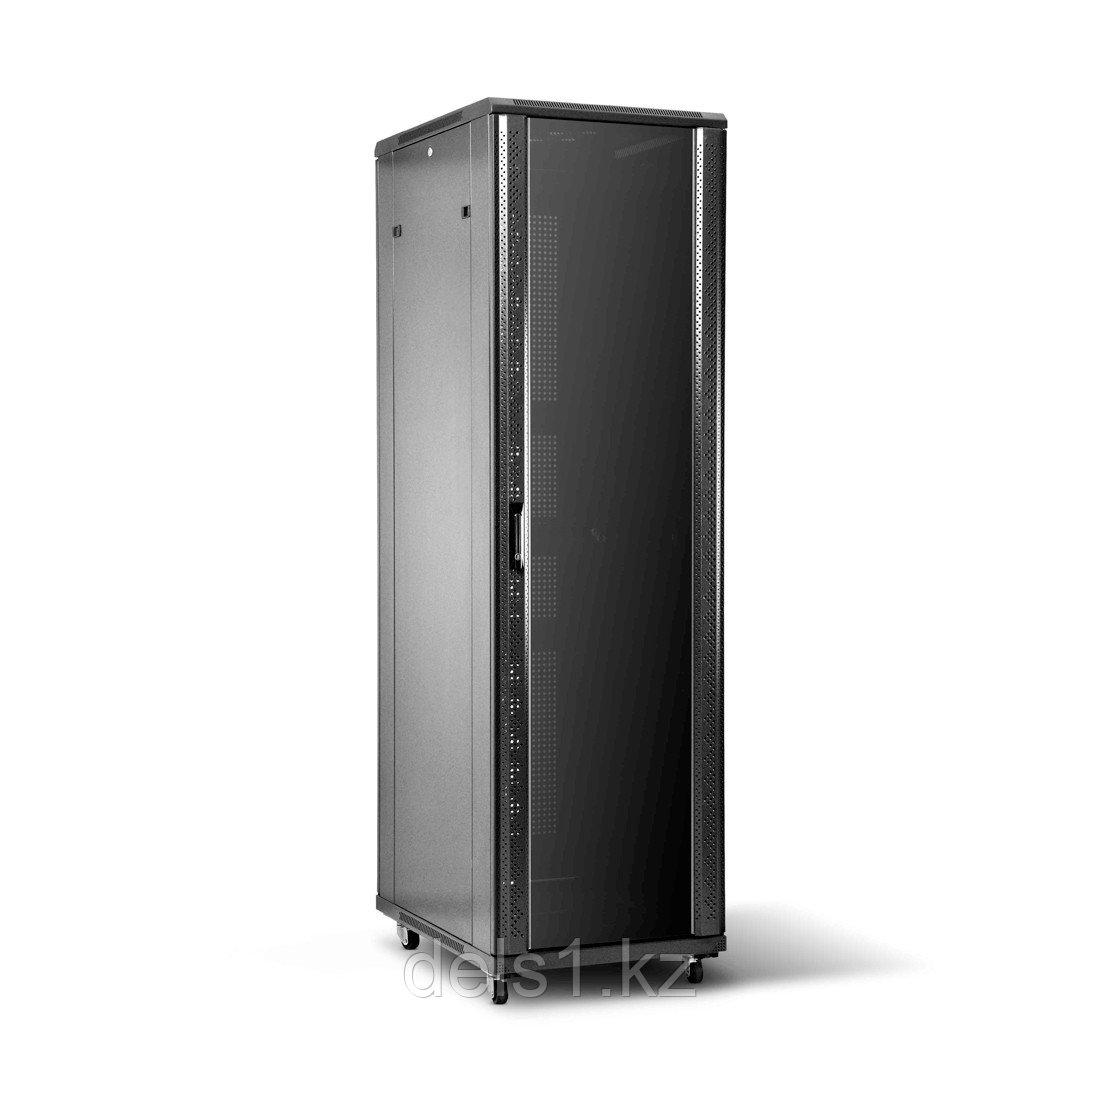 Шкаф серверный напольный SHIP 601S.6824.24.100 24U 600*800*1200 мм